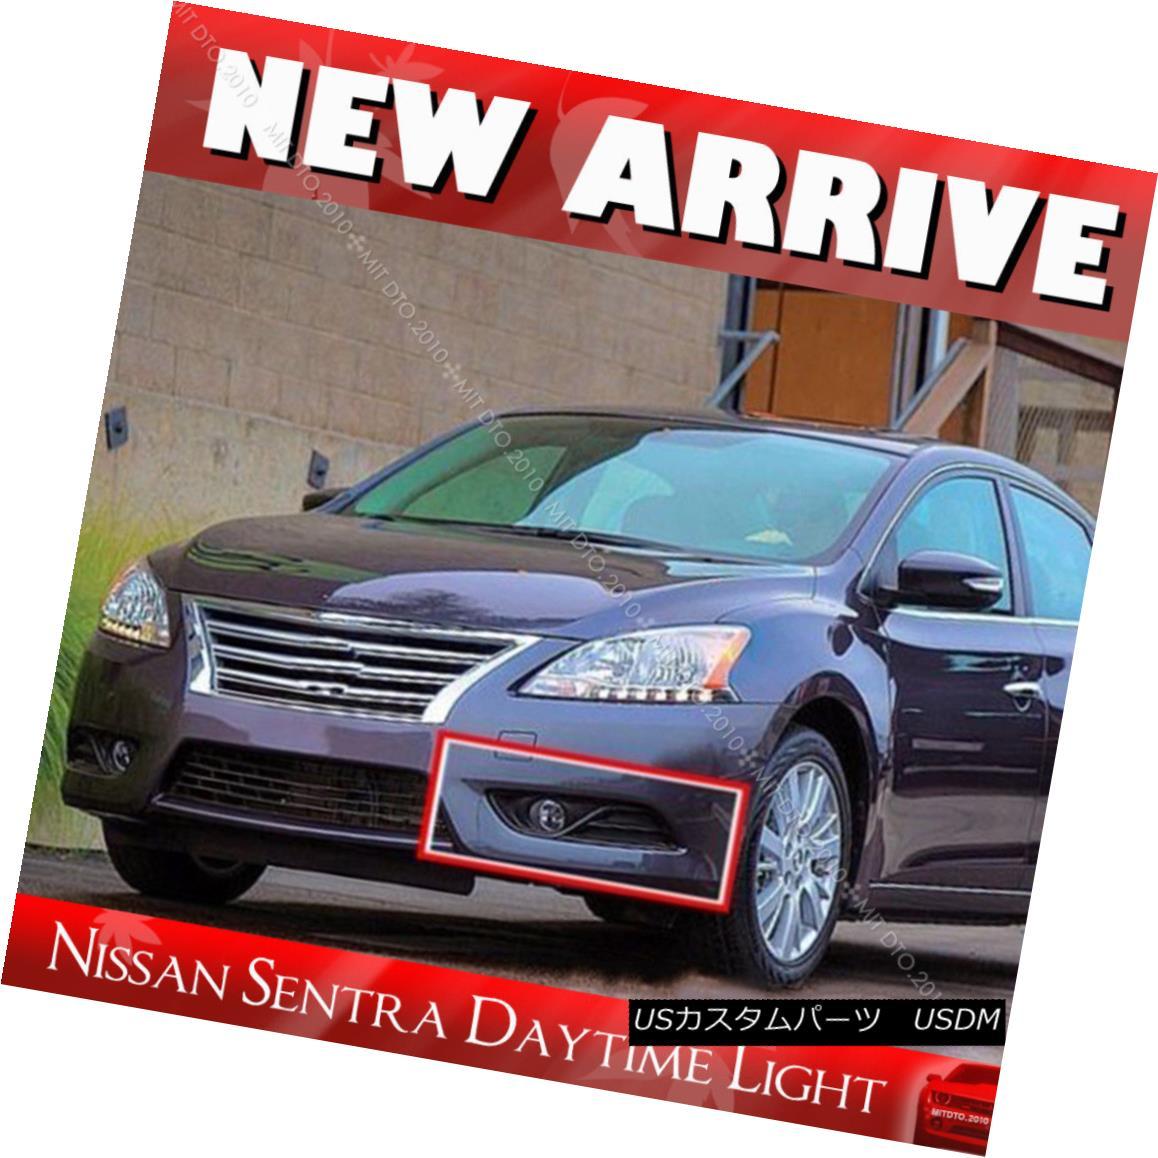 エアロパーツ DRL LED Daytime Running Lights For Nissan Sentra 2013-2015 Nissan Sentra 2013-2015のDRL LEDデイタイムランニングライト